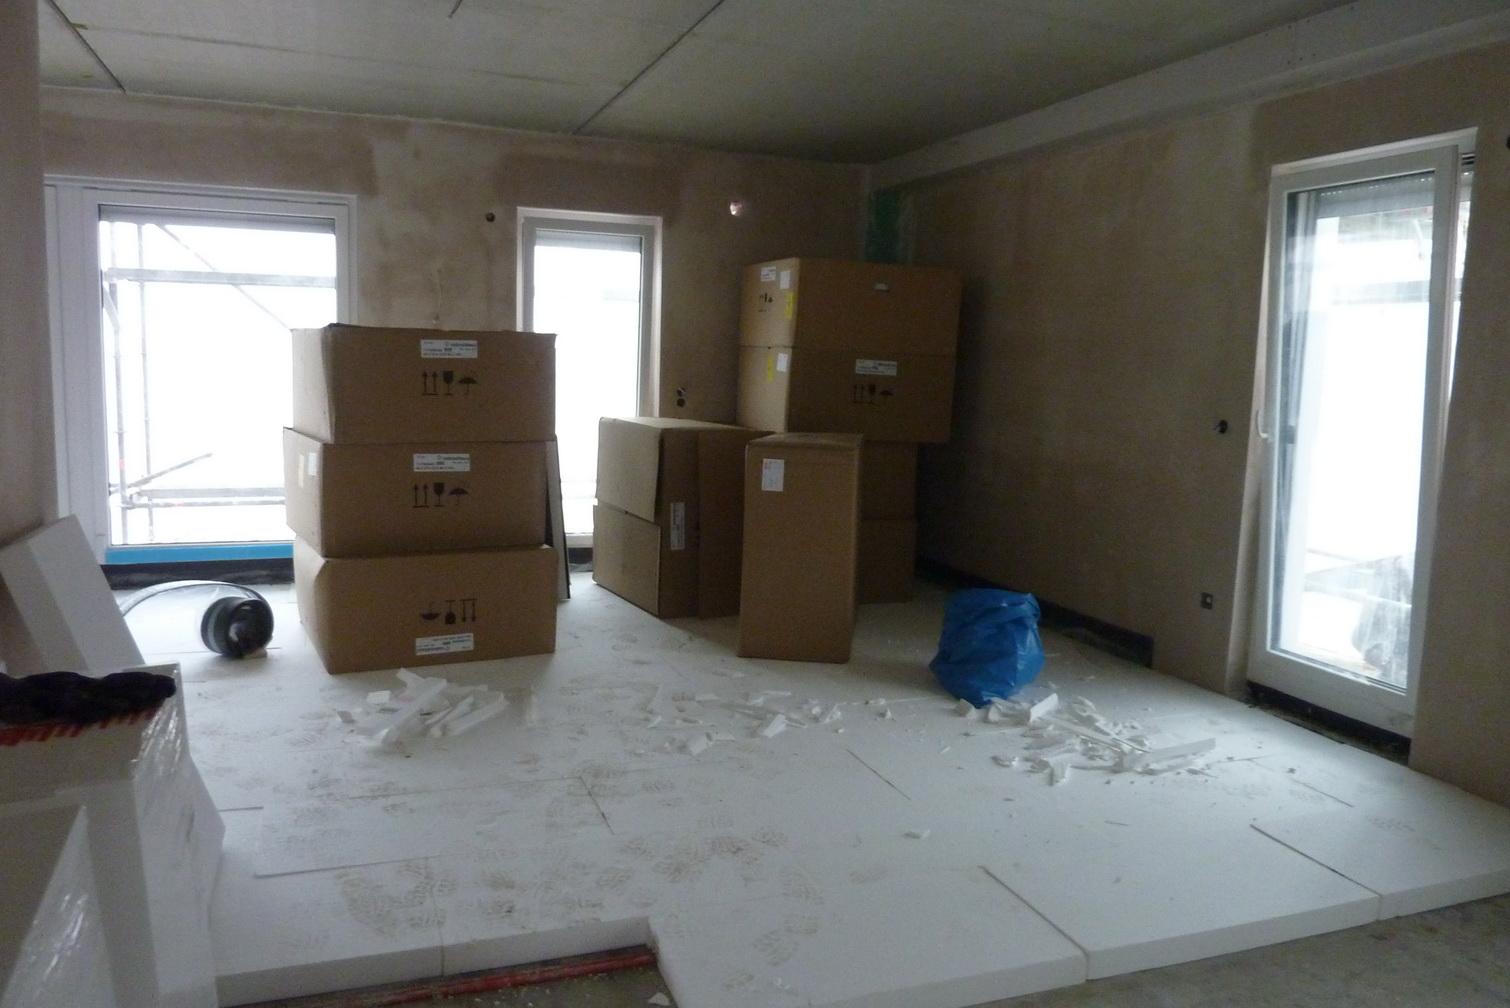 bautagebuch zu unserem traumhaus jette joop europe unlimited von viebrockhaus vorbereitung. Black Bedroom Furniture Sets. Home Design Ideas